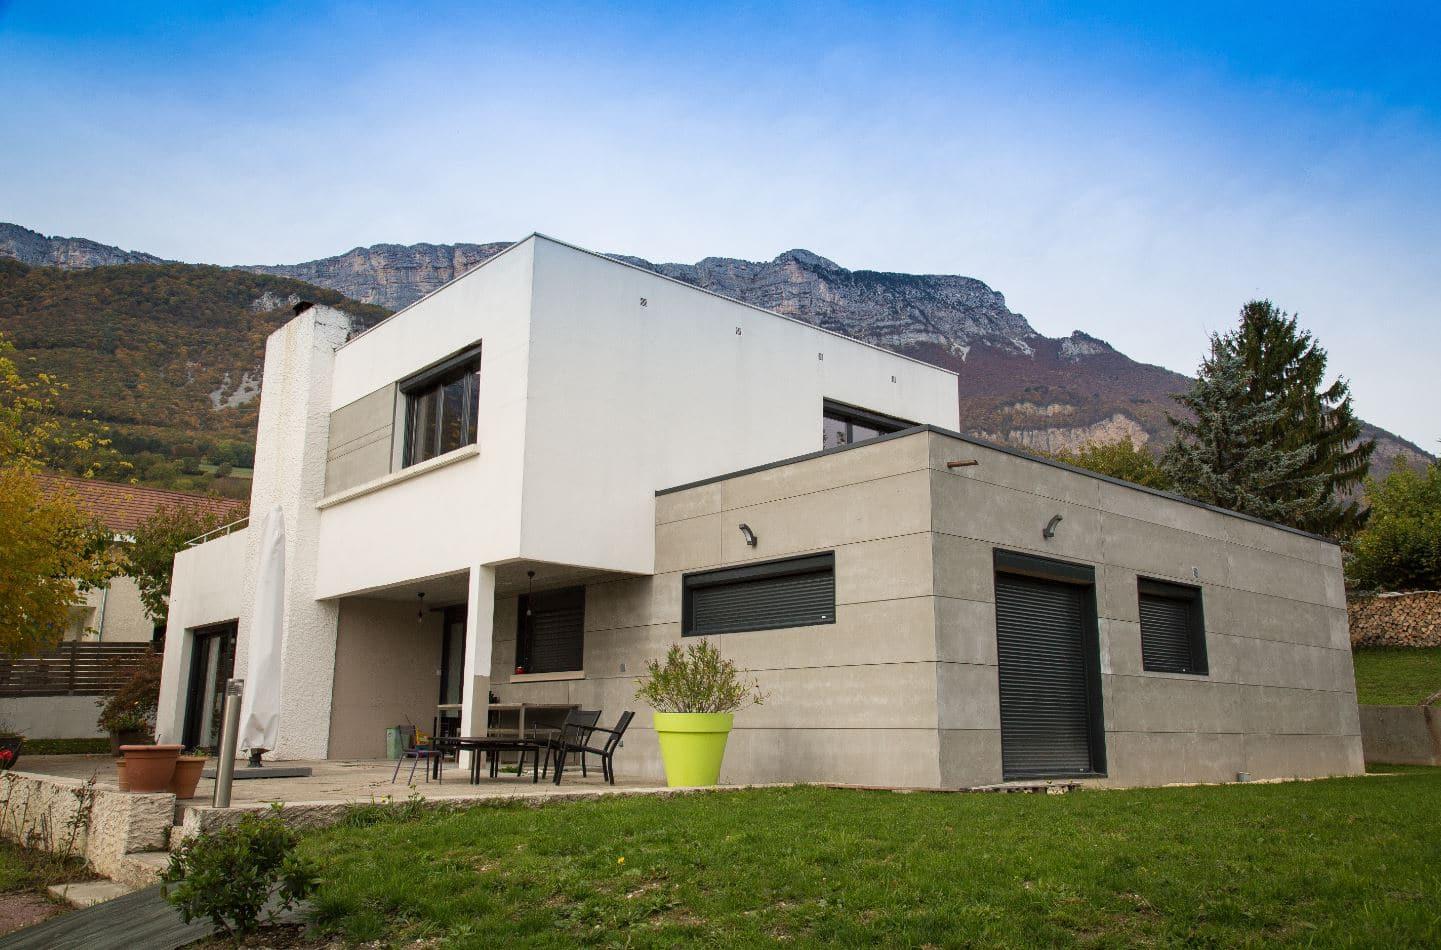 Extension maison : Prix, réglementation, guide complet